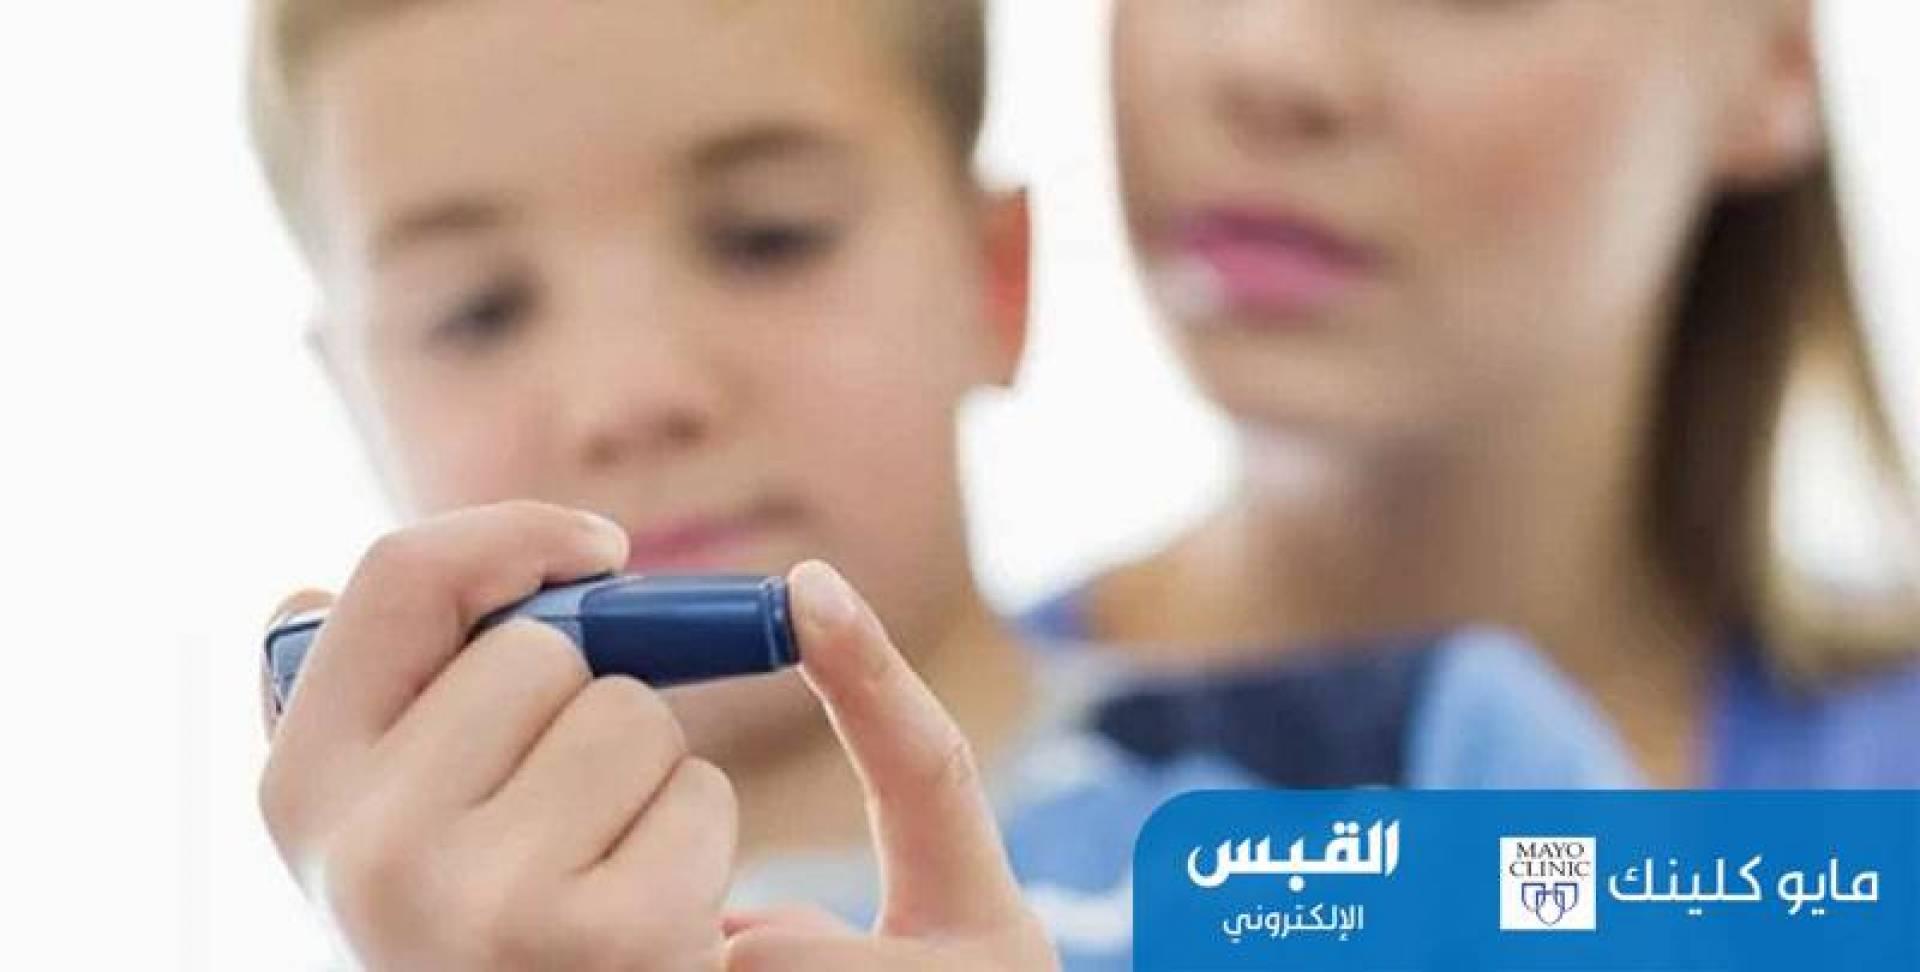 4 نصائح لمساعدة الأطفال في الوقاية من الإصابة بالسكري